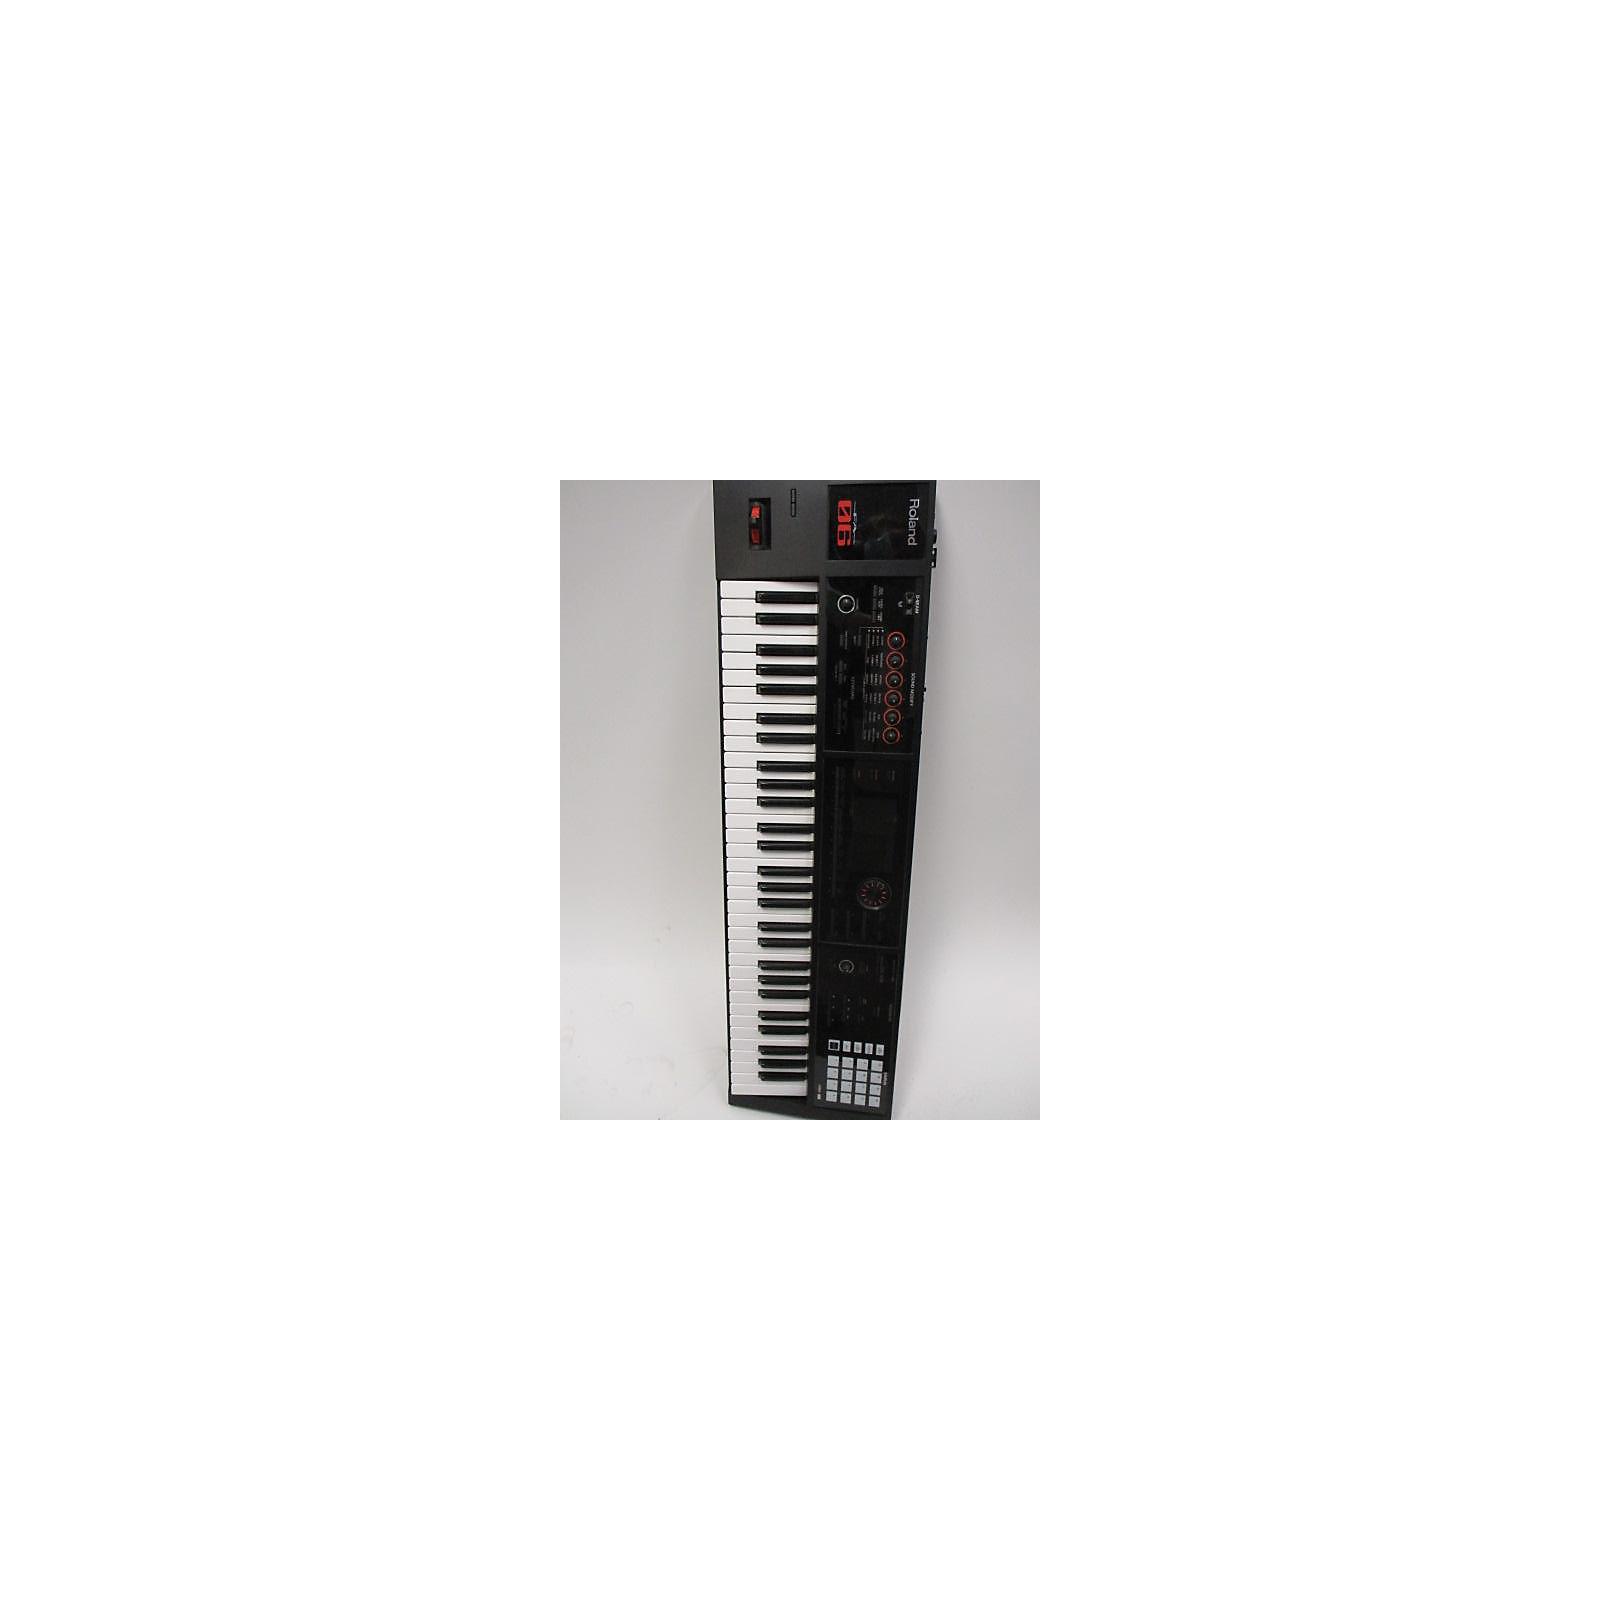 Roland Fantom Fa06 Keyboard Workstation